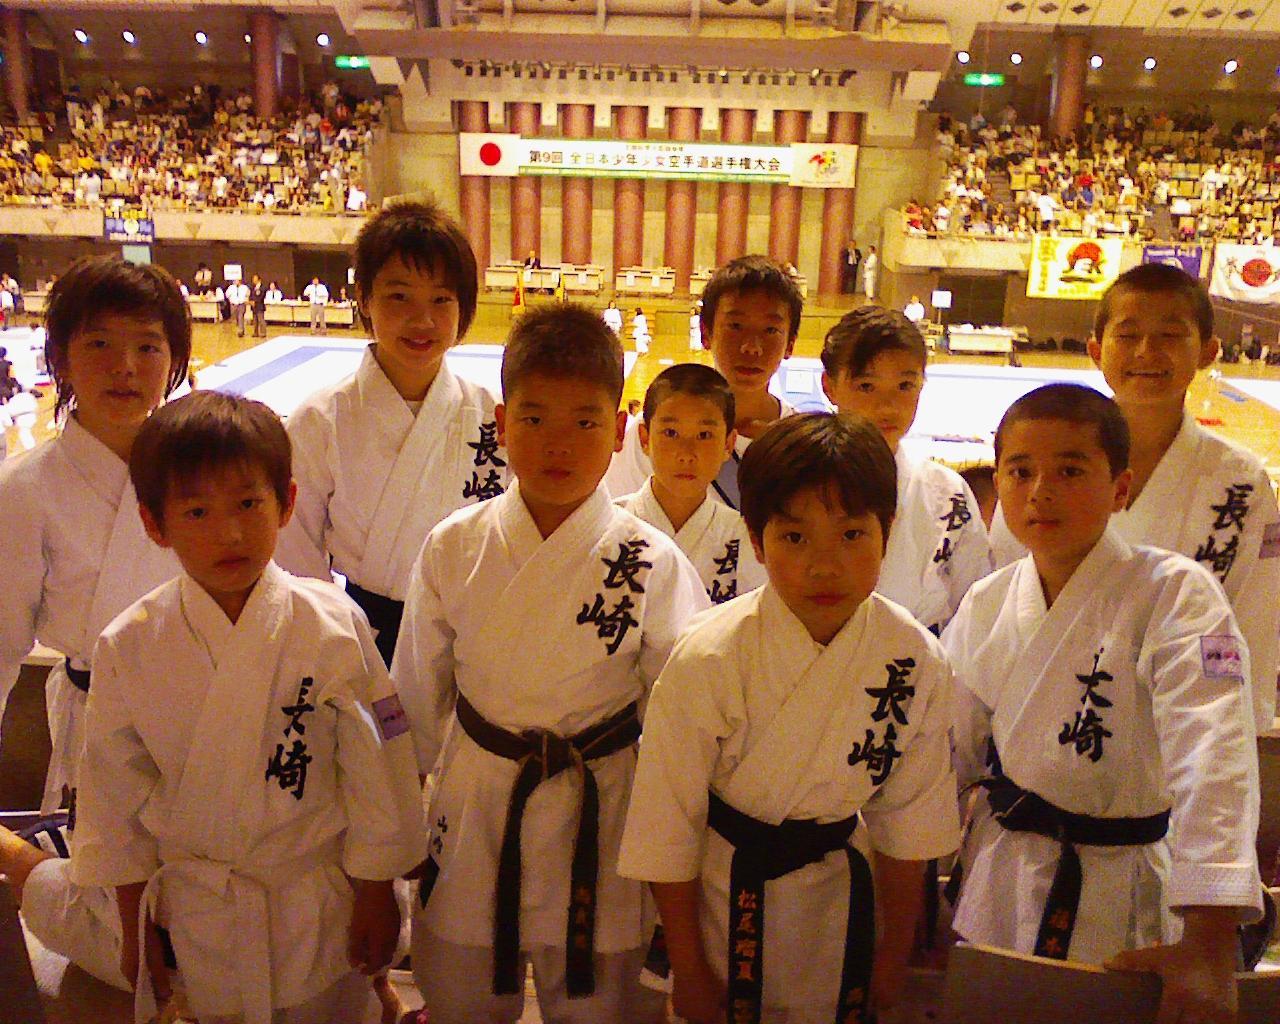 全日本少年少女空手道選手権大会 組手競技